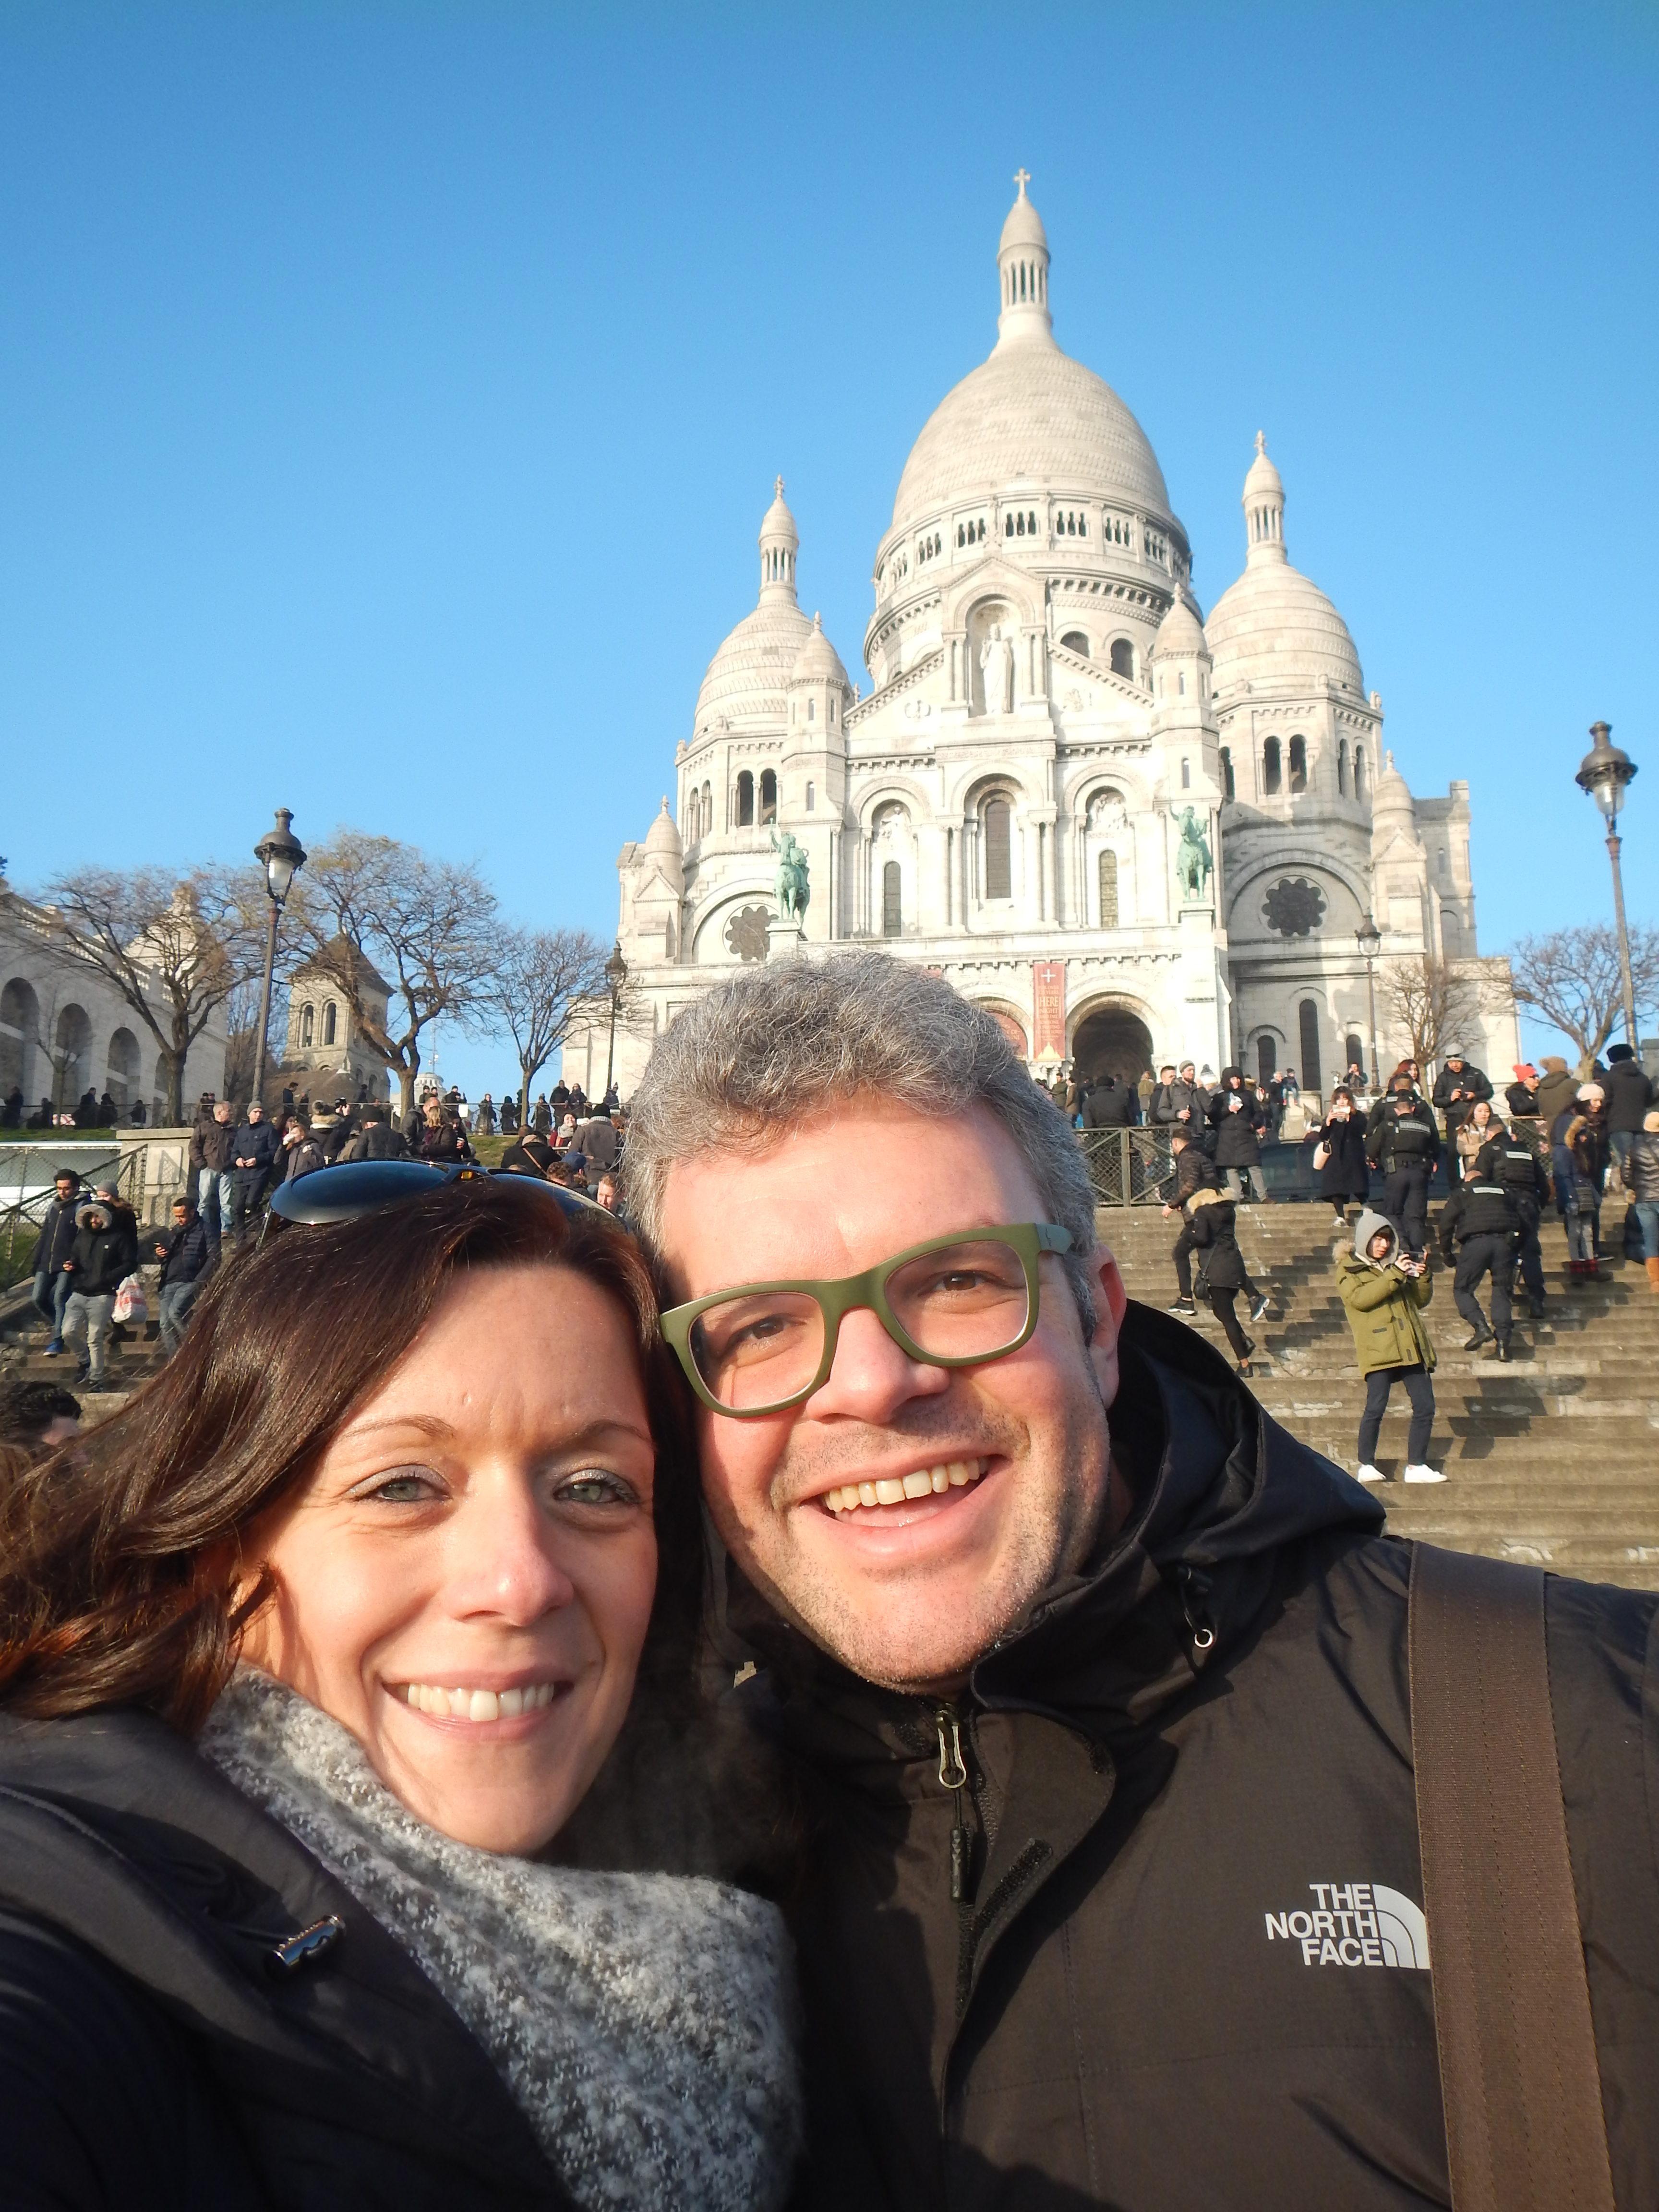 Mi vuoi sposare? Sìììì, Parigi - dicembre 2016